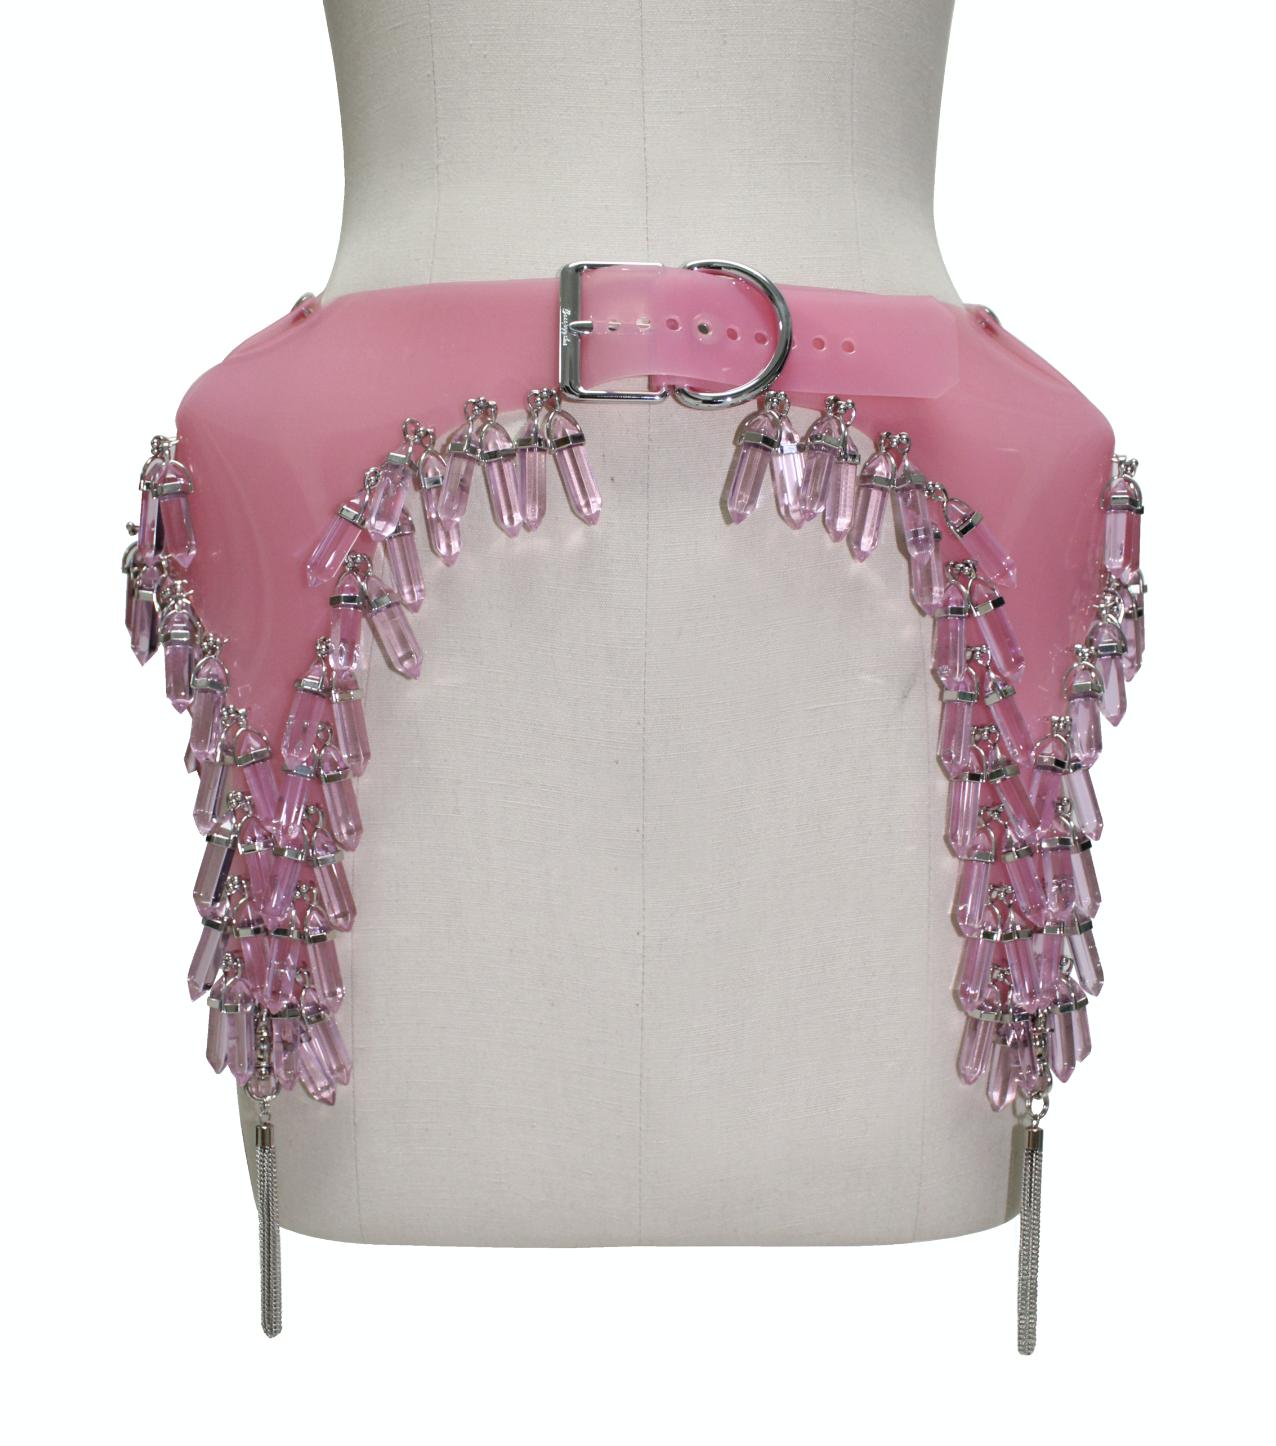 7dfef0bae Katerina Garter Belt ( Pink ) · CREEPYYEHA · Online Store Powered by ...